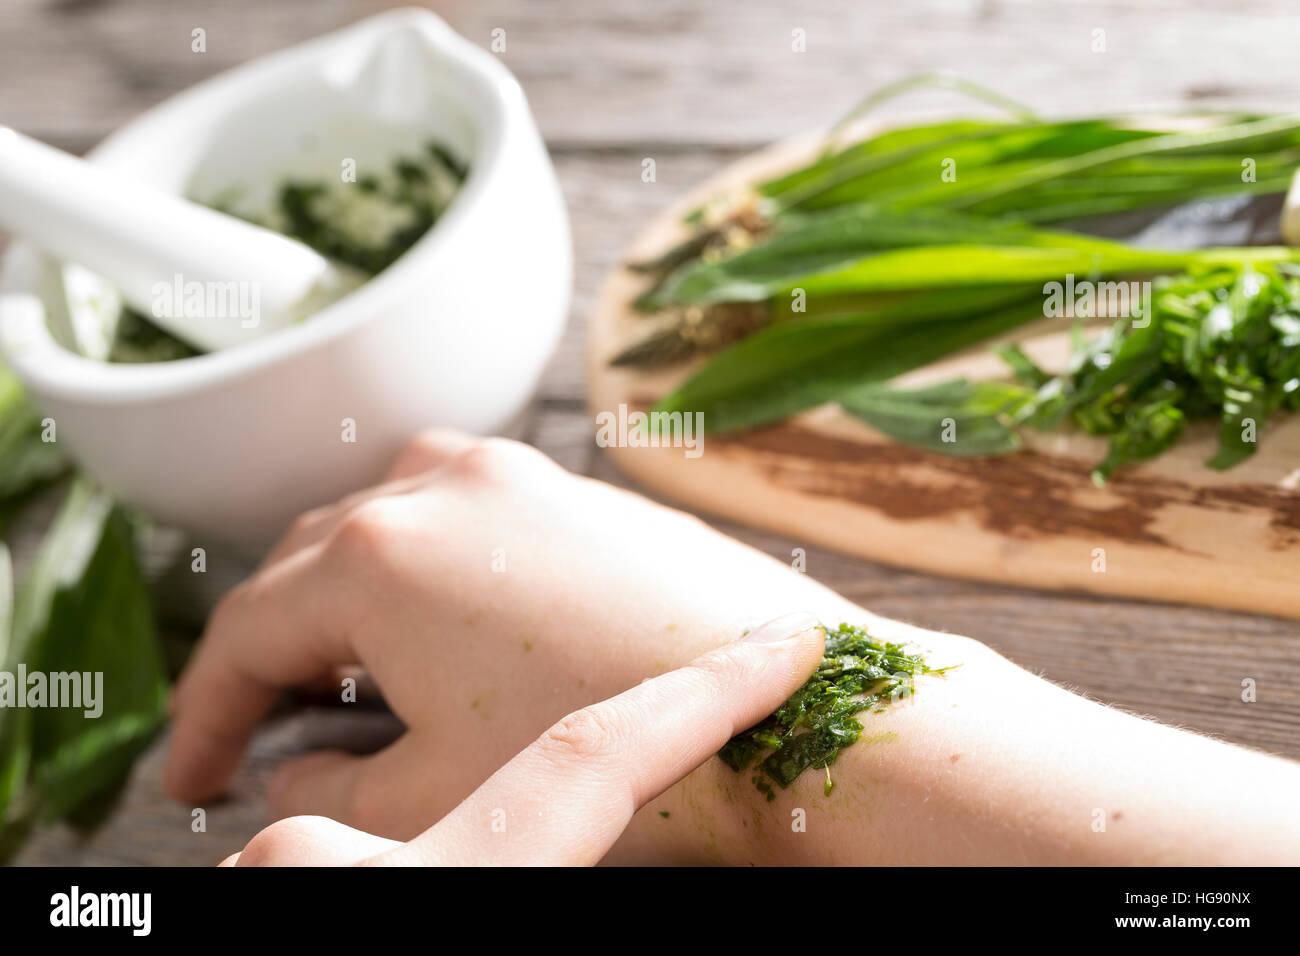 Spitz-Wegerich hilft bei Insektenstich, Mückenstich, Mückenstiche, zerkleinerte Blätter werden auf die juckende Hautstelle gelegt, Auflage, Hausmittel Stock Photo